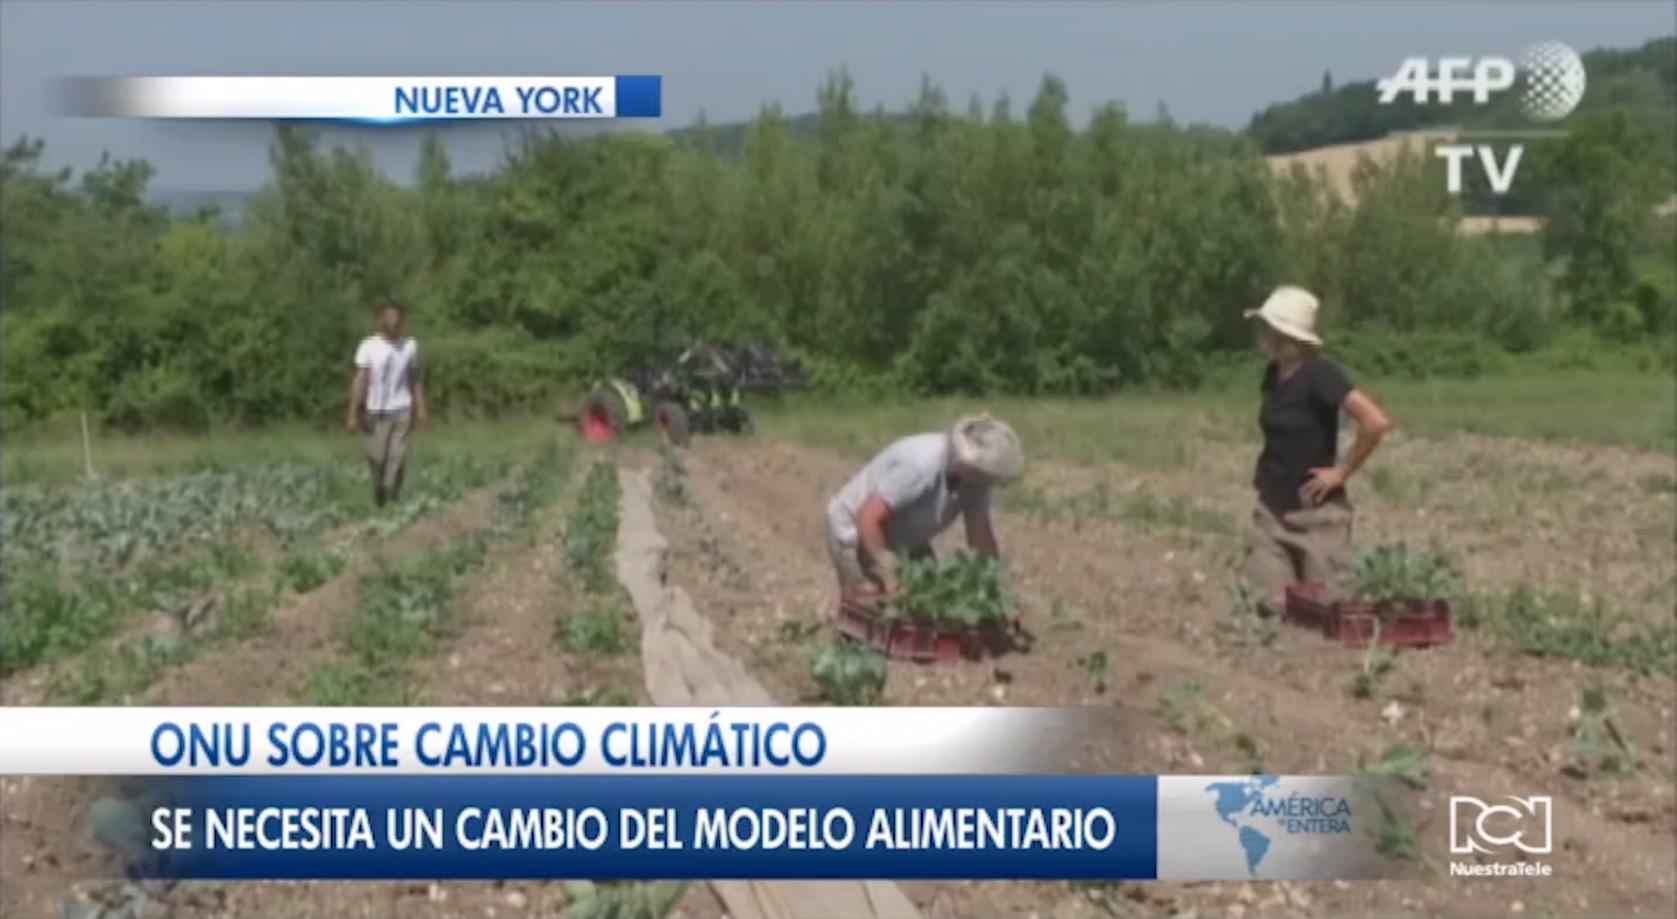 ONU publica nuevo informe sobre el cambio climático